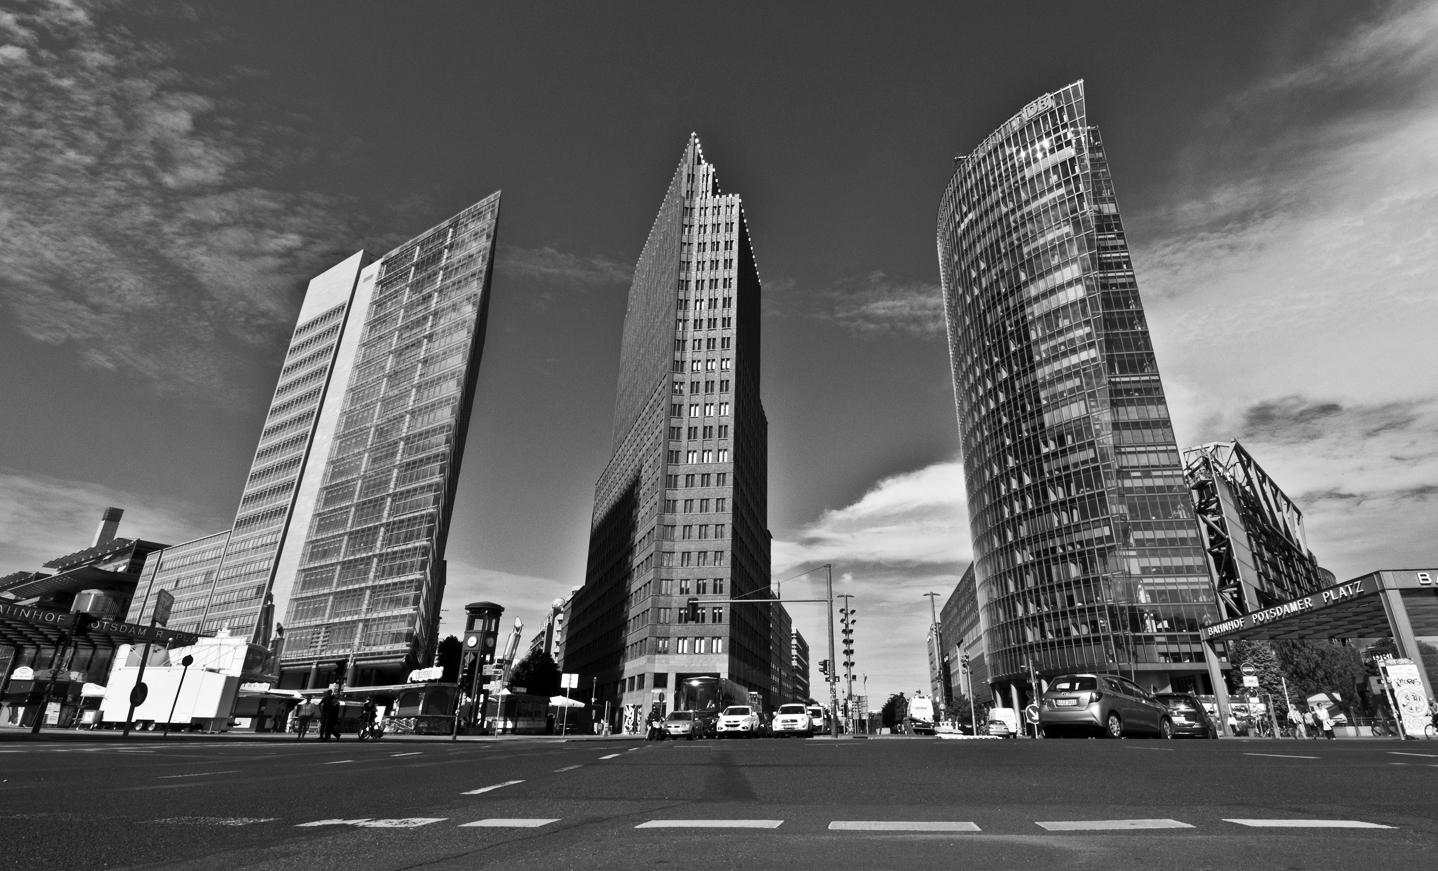 Potsdamer Platz, Berlin